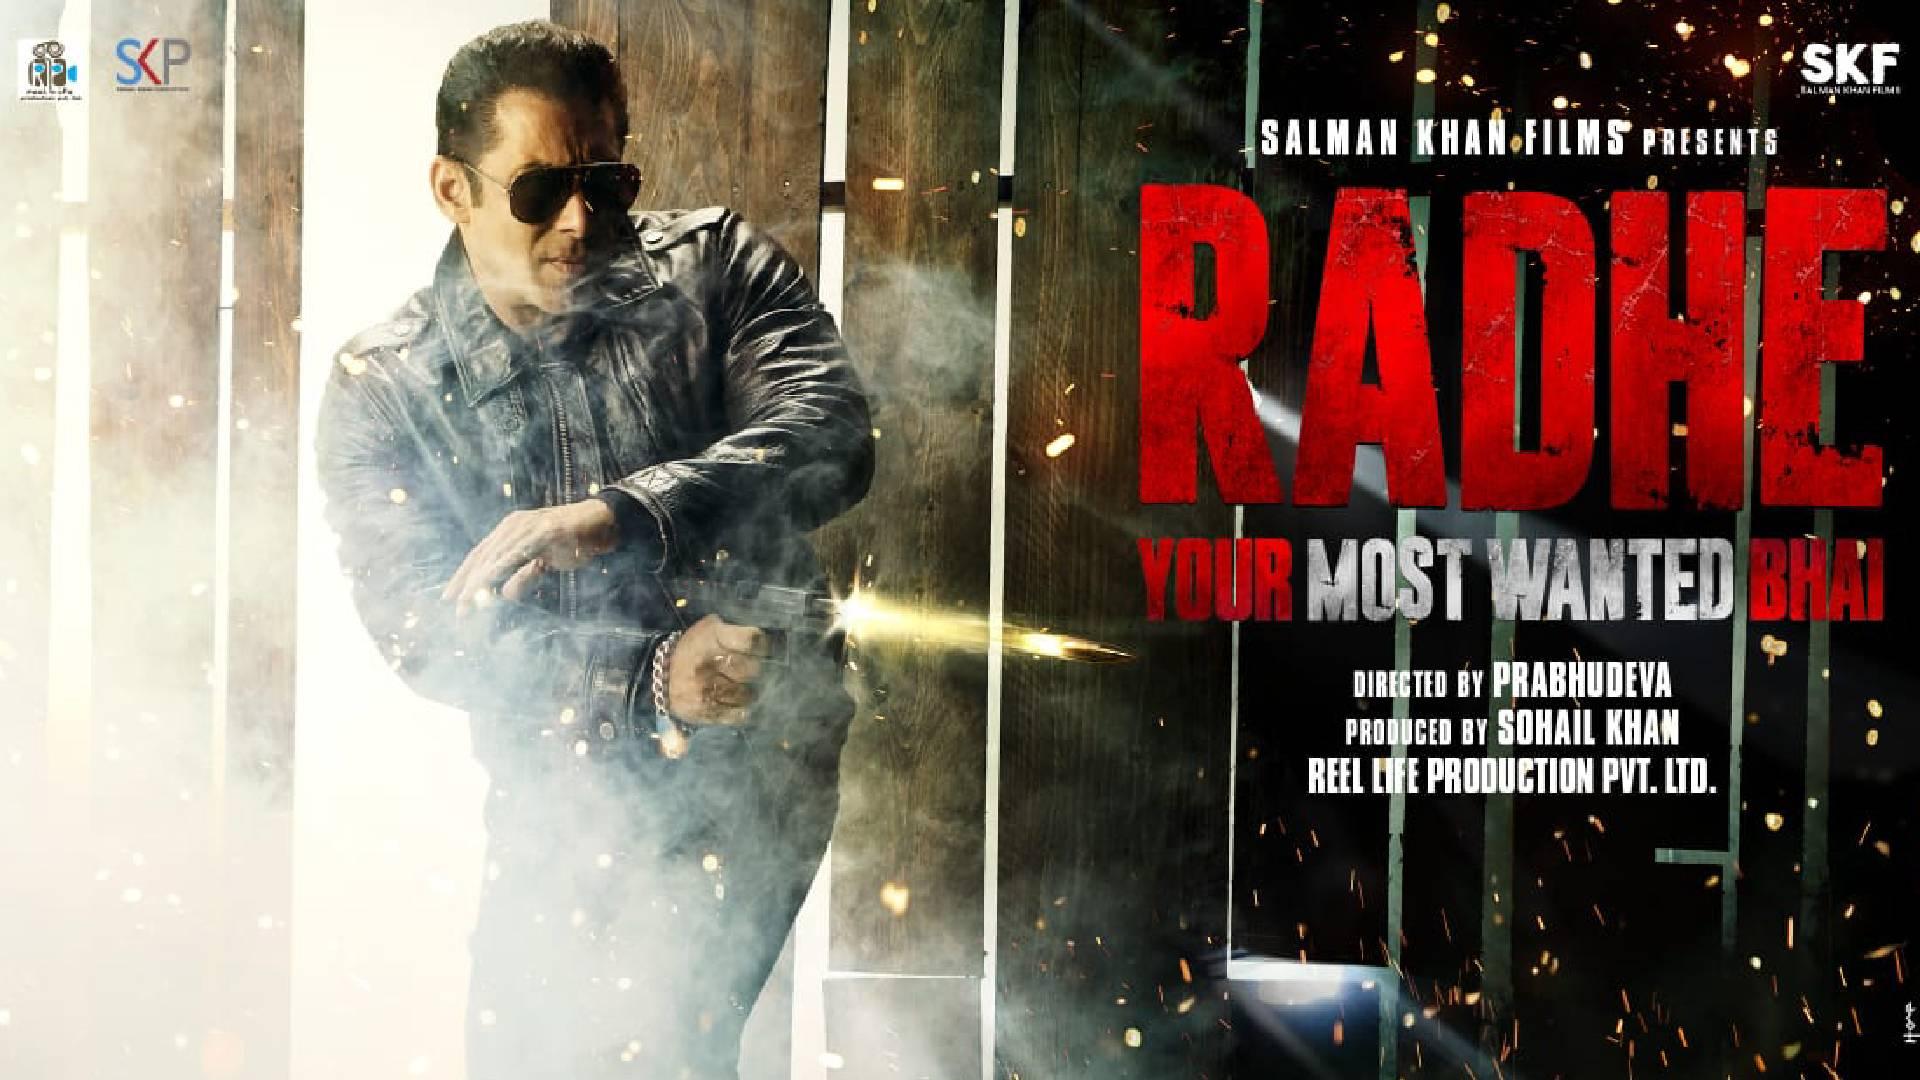 दबंग 3 के बाद इस फिल्म में नजर आएंगे सलमान खान, मोशन पोस्टर शेयर करते हुए बोले-चुलबुल पांडे के बाद ये…